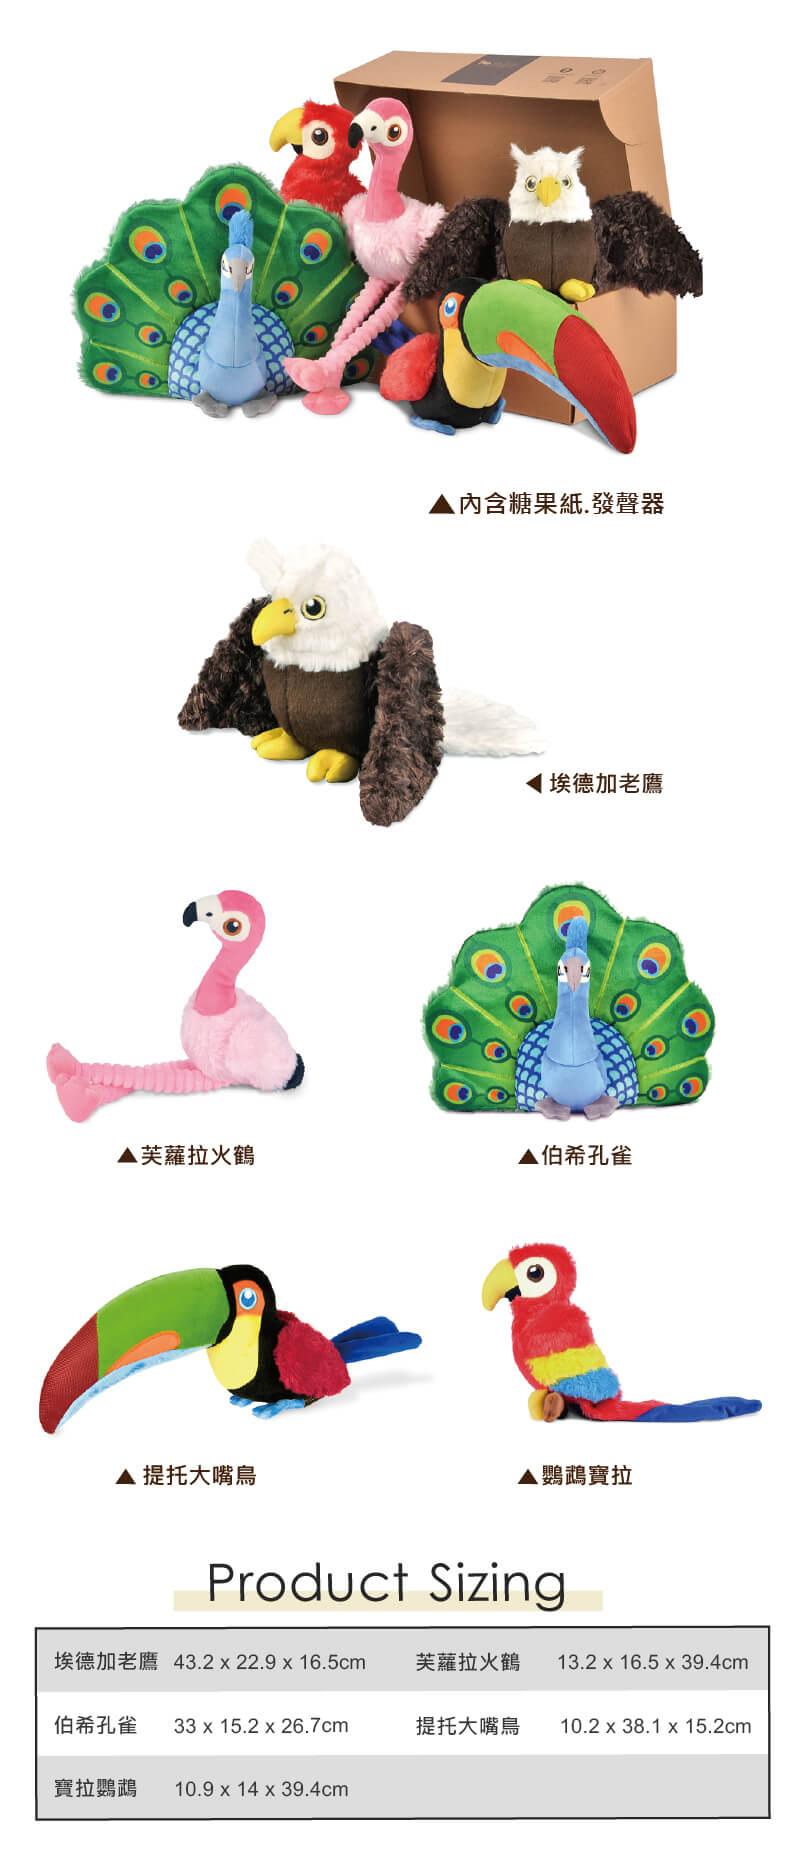 美國 P.L.A.Y. 玩具系列 魅力珍禽